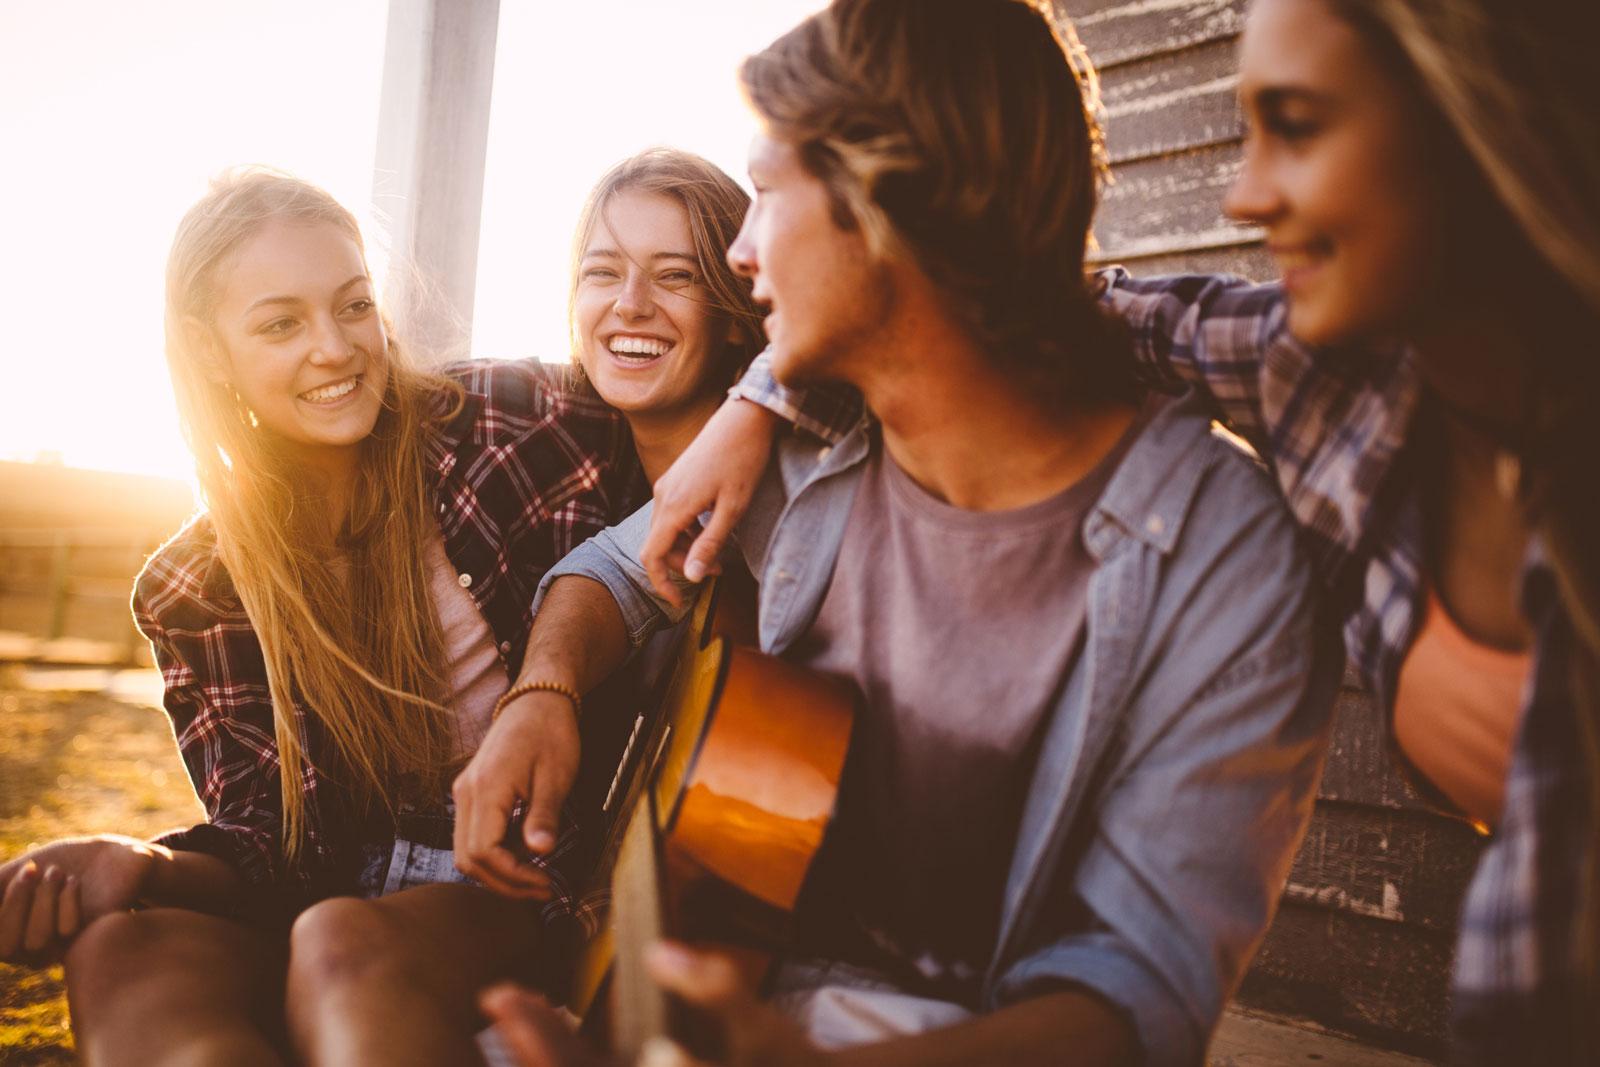 Singen und Musizieren macht glücklich, lindert den Stress und steigert allgemein das Wohlbefinden. Das können Studien belegen.